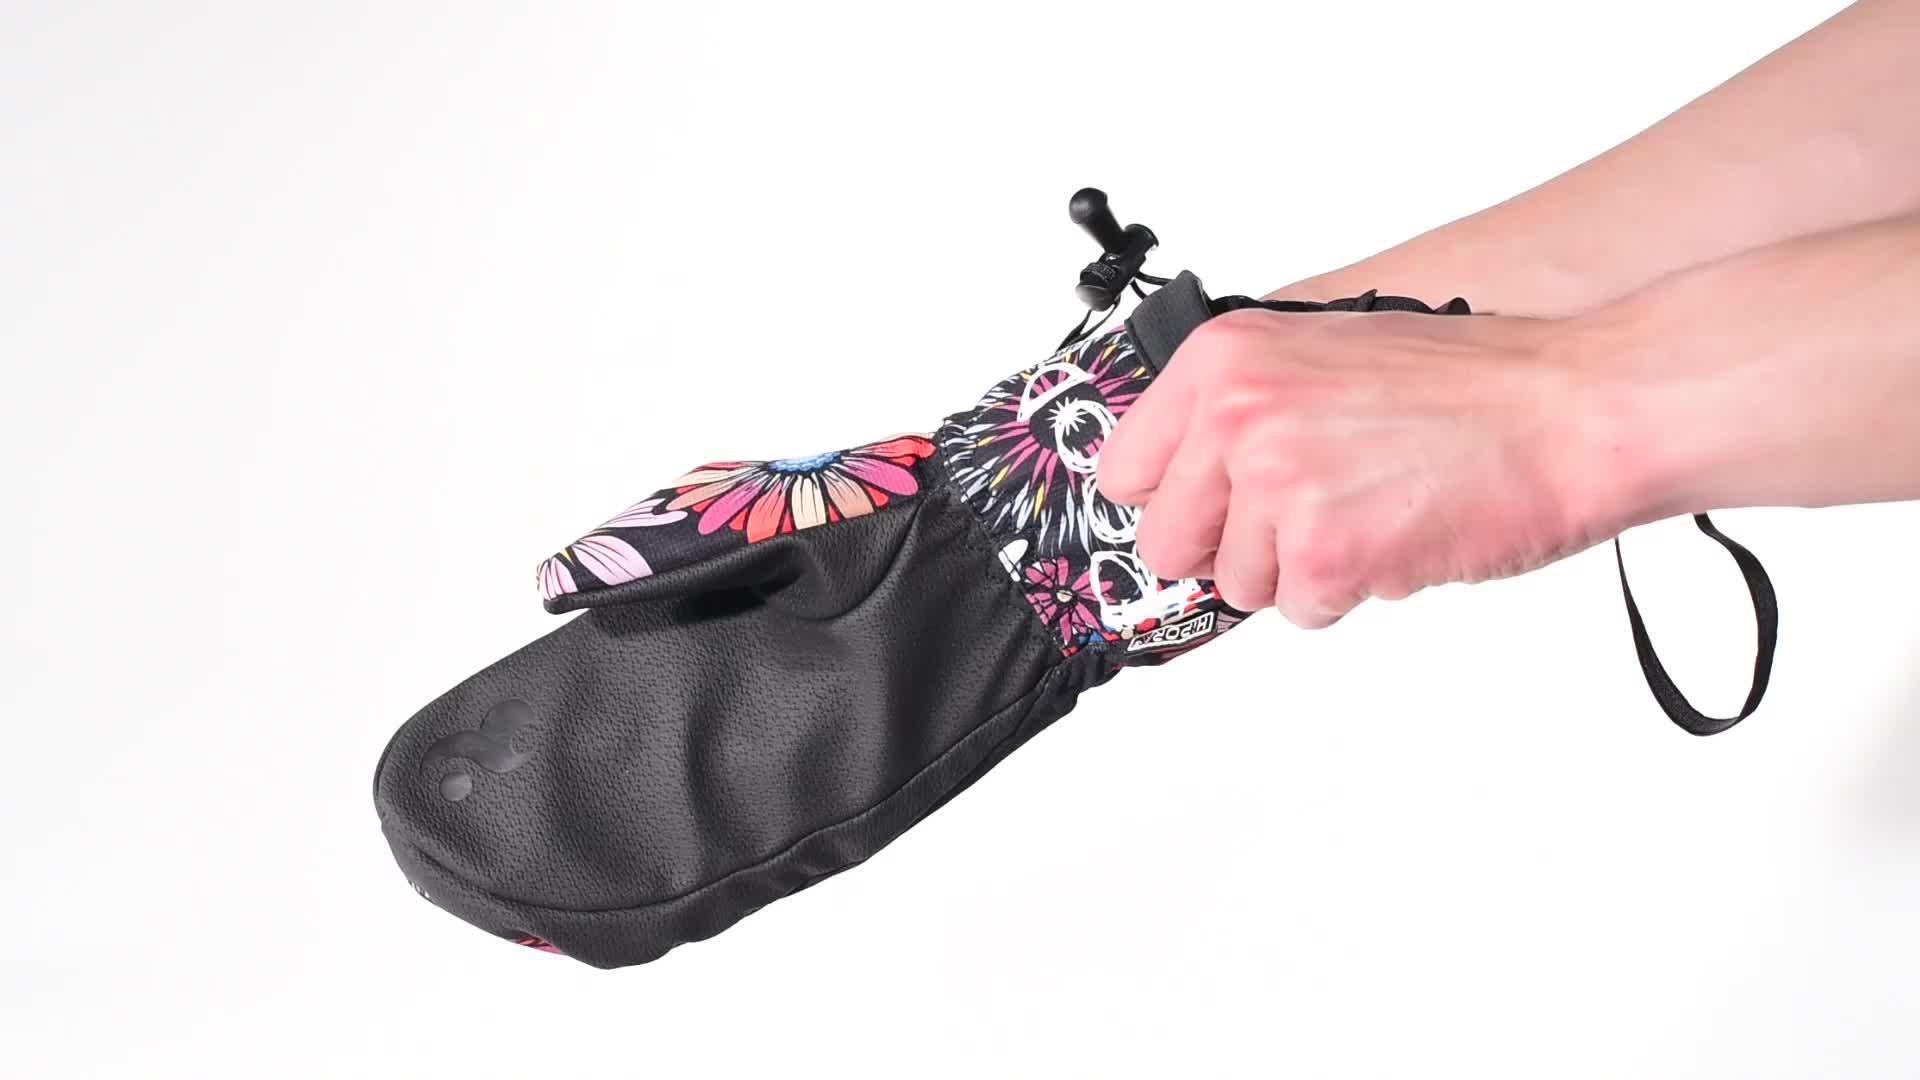 Winter outdoor water proof, water resistant winter gloves